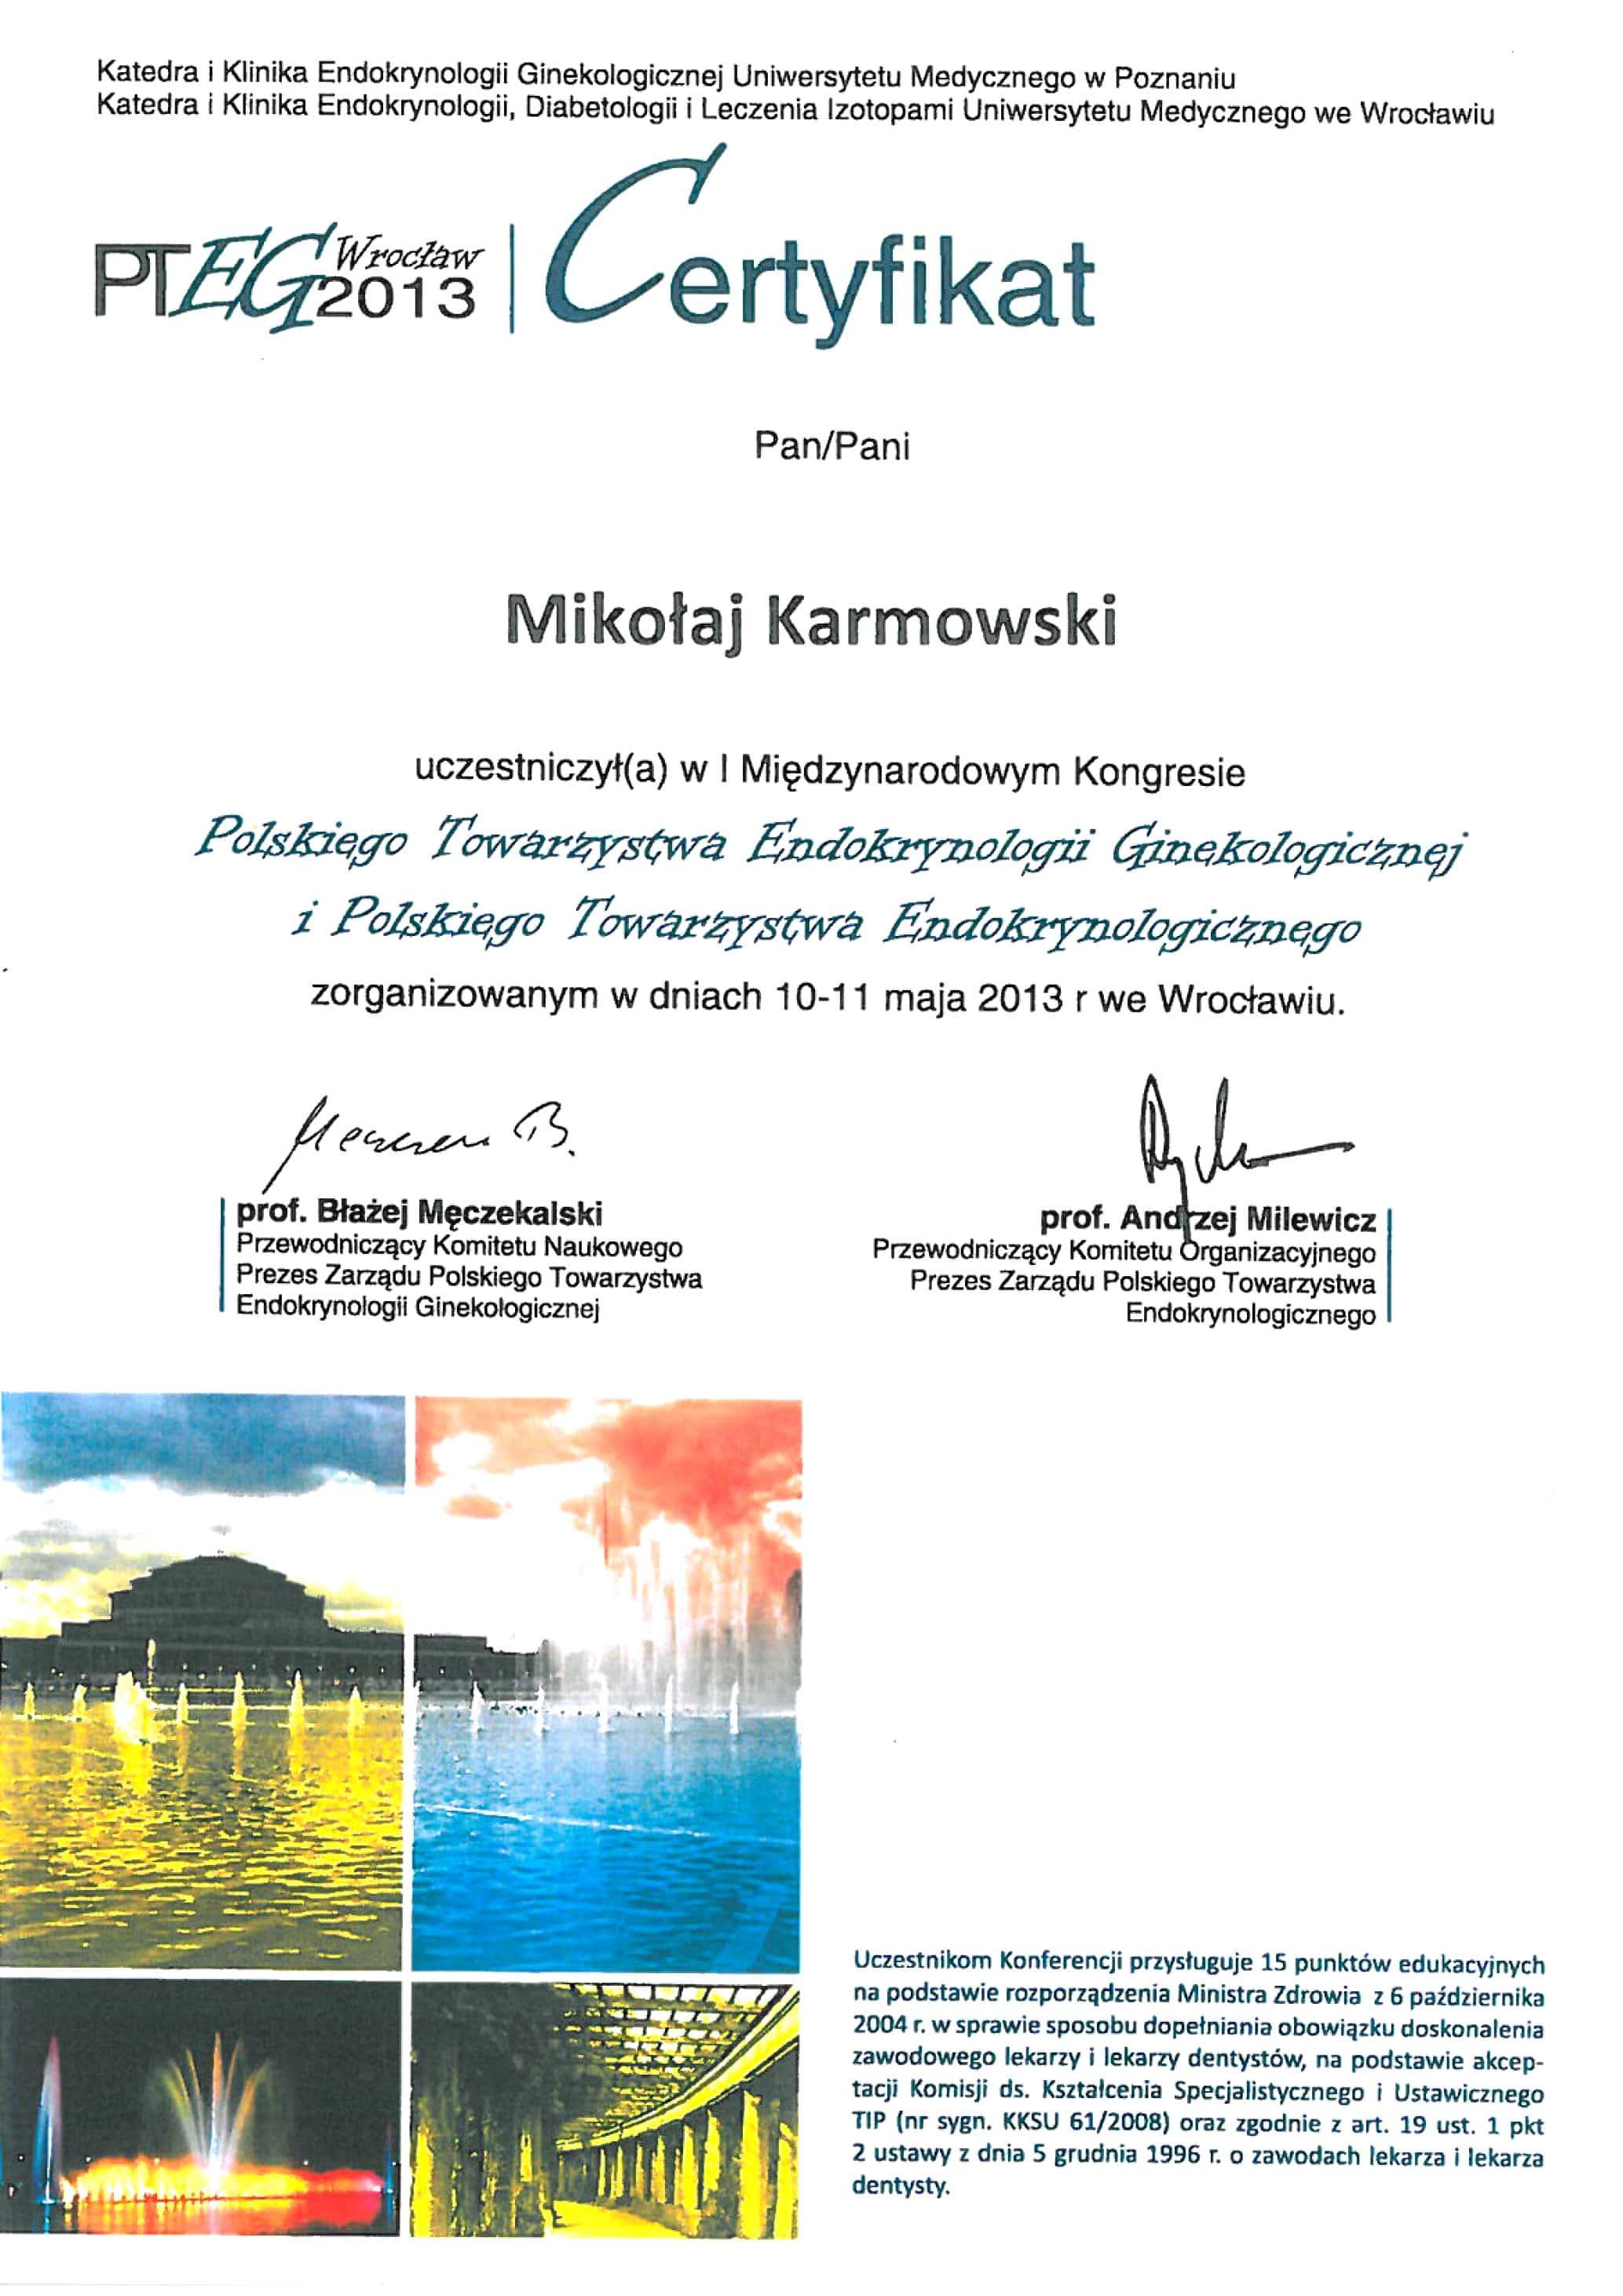 Mikołaj Karmowski certyfikat kongres polskiego towarzystwa endokrynologii ginekologicznej